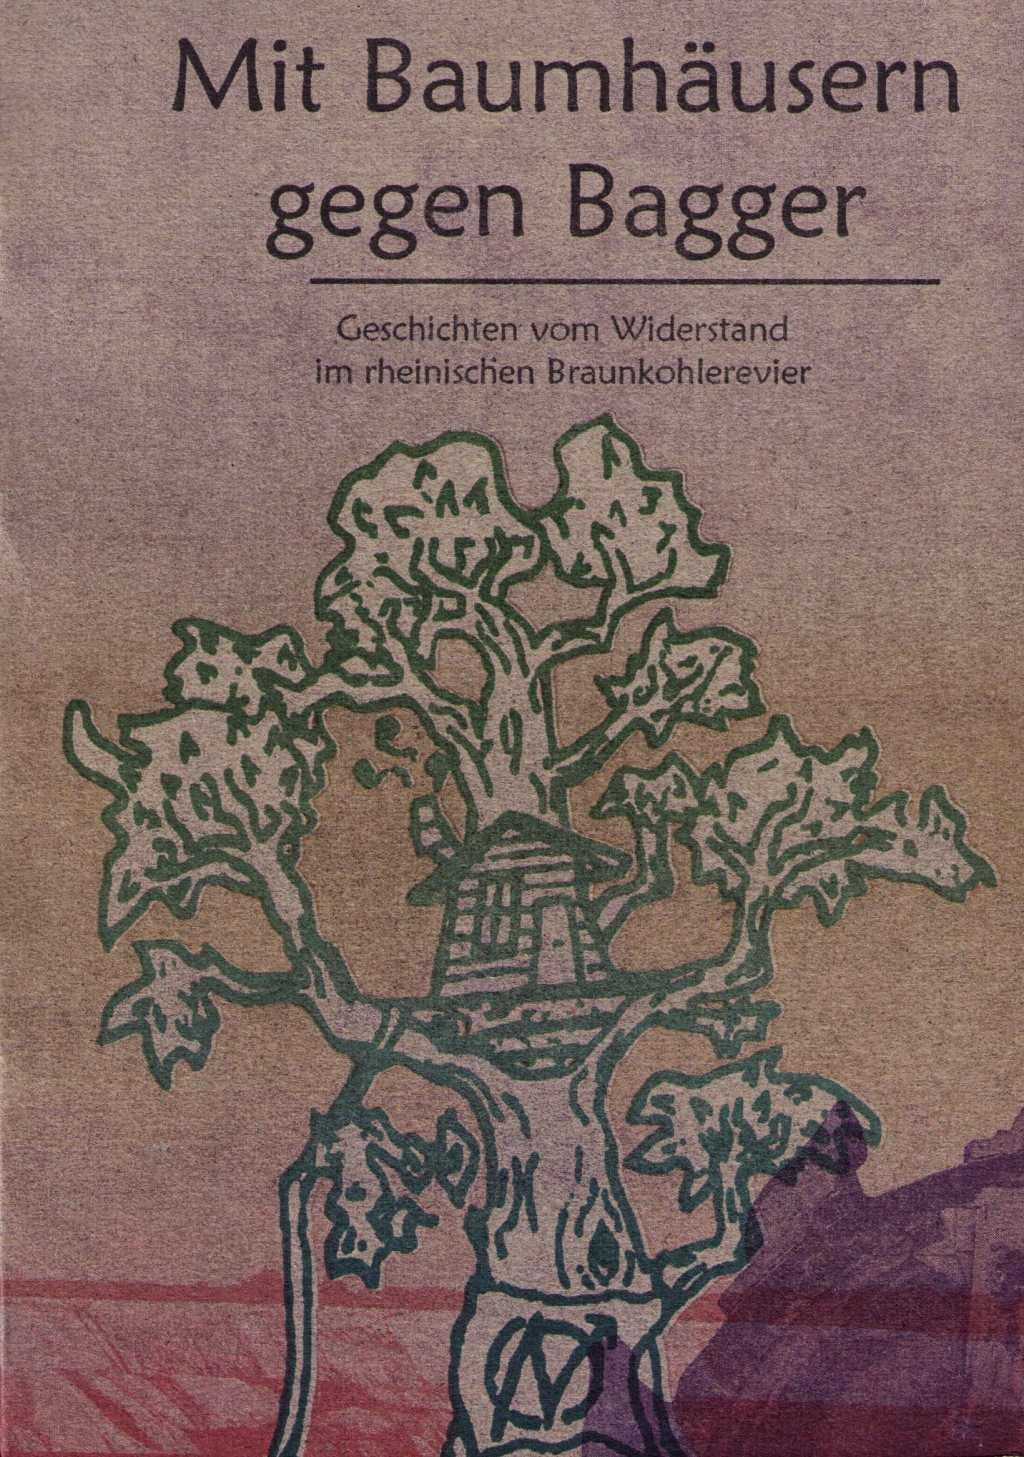 [Buchcover: Mit Baumhäusern gegen Bagger]